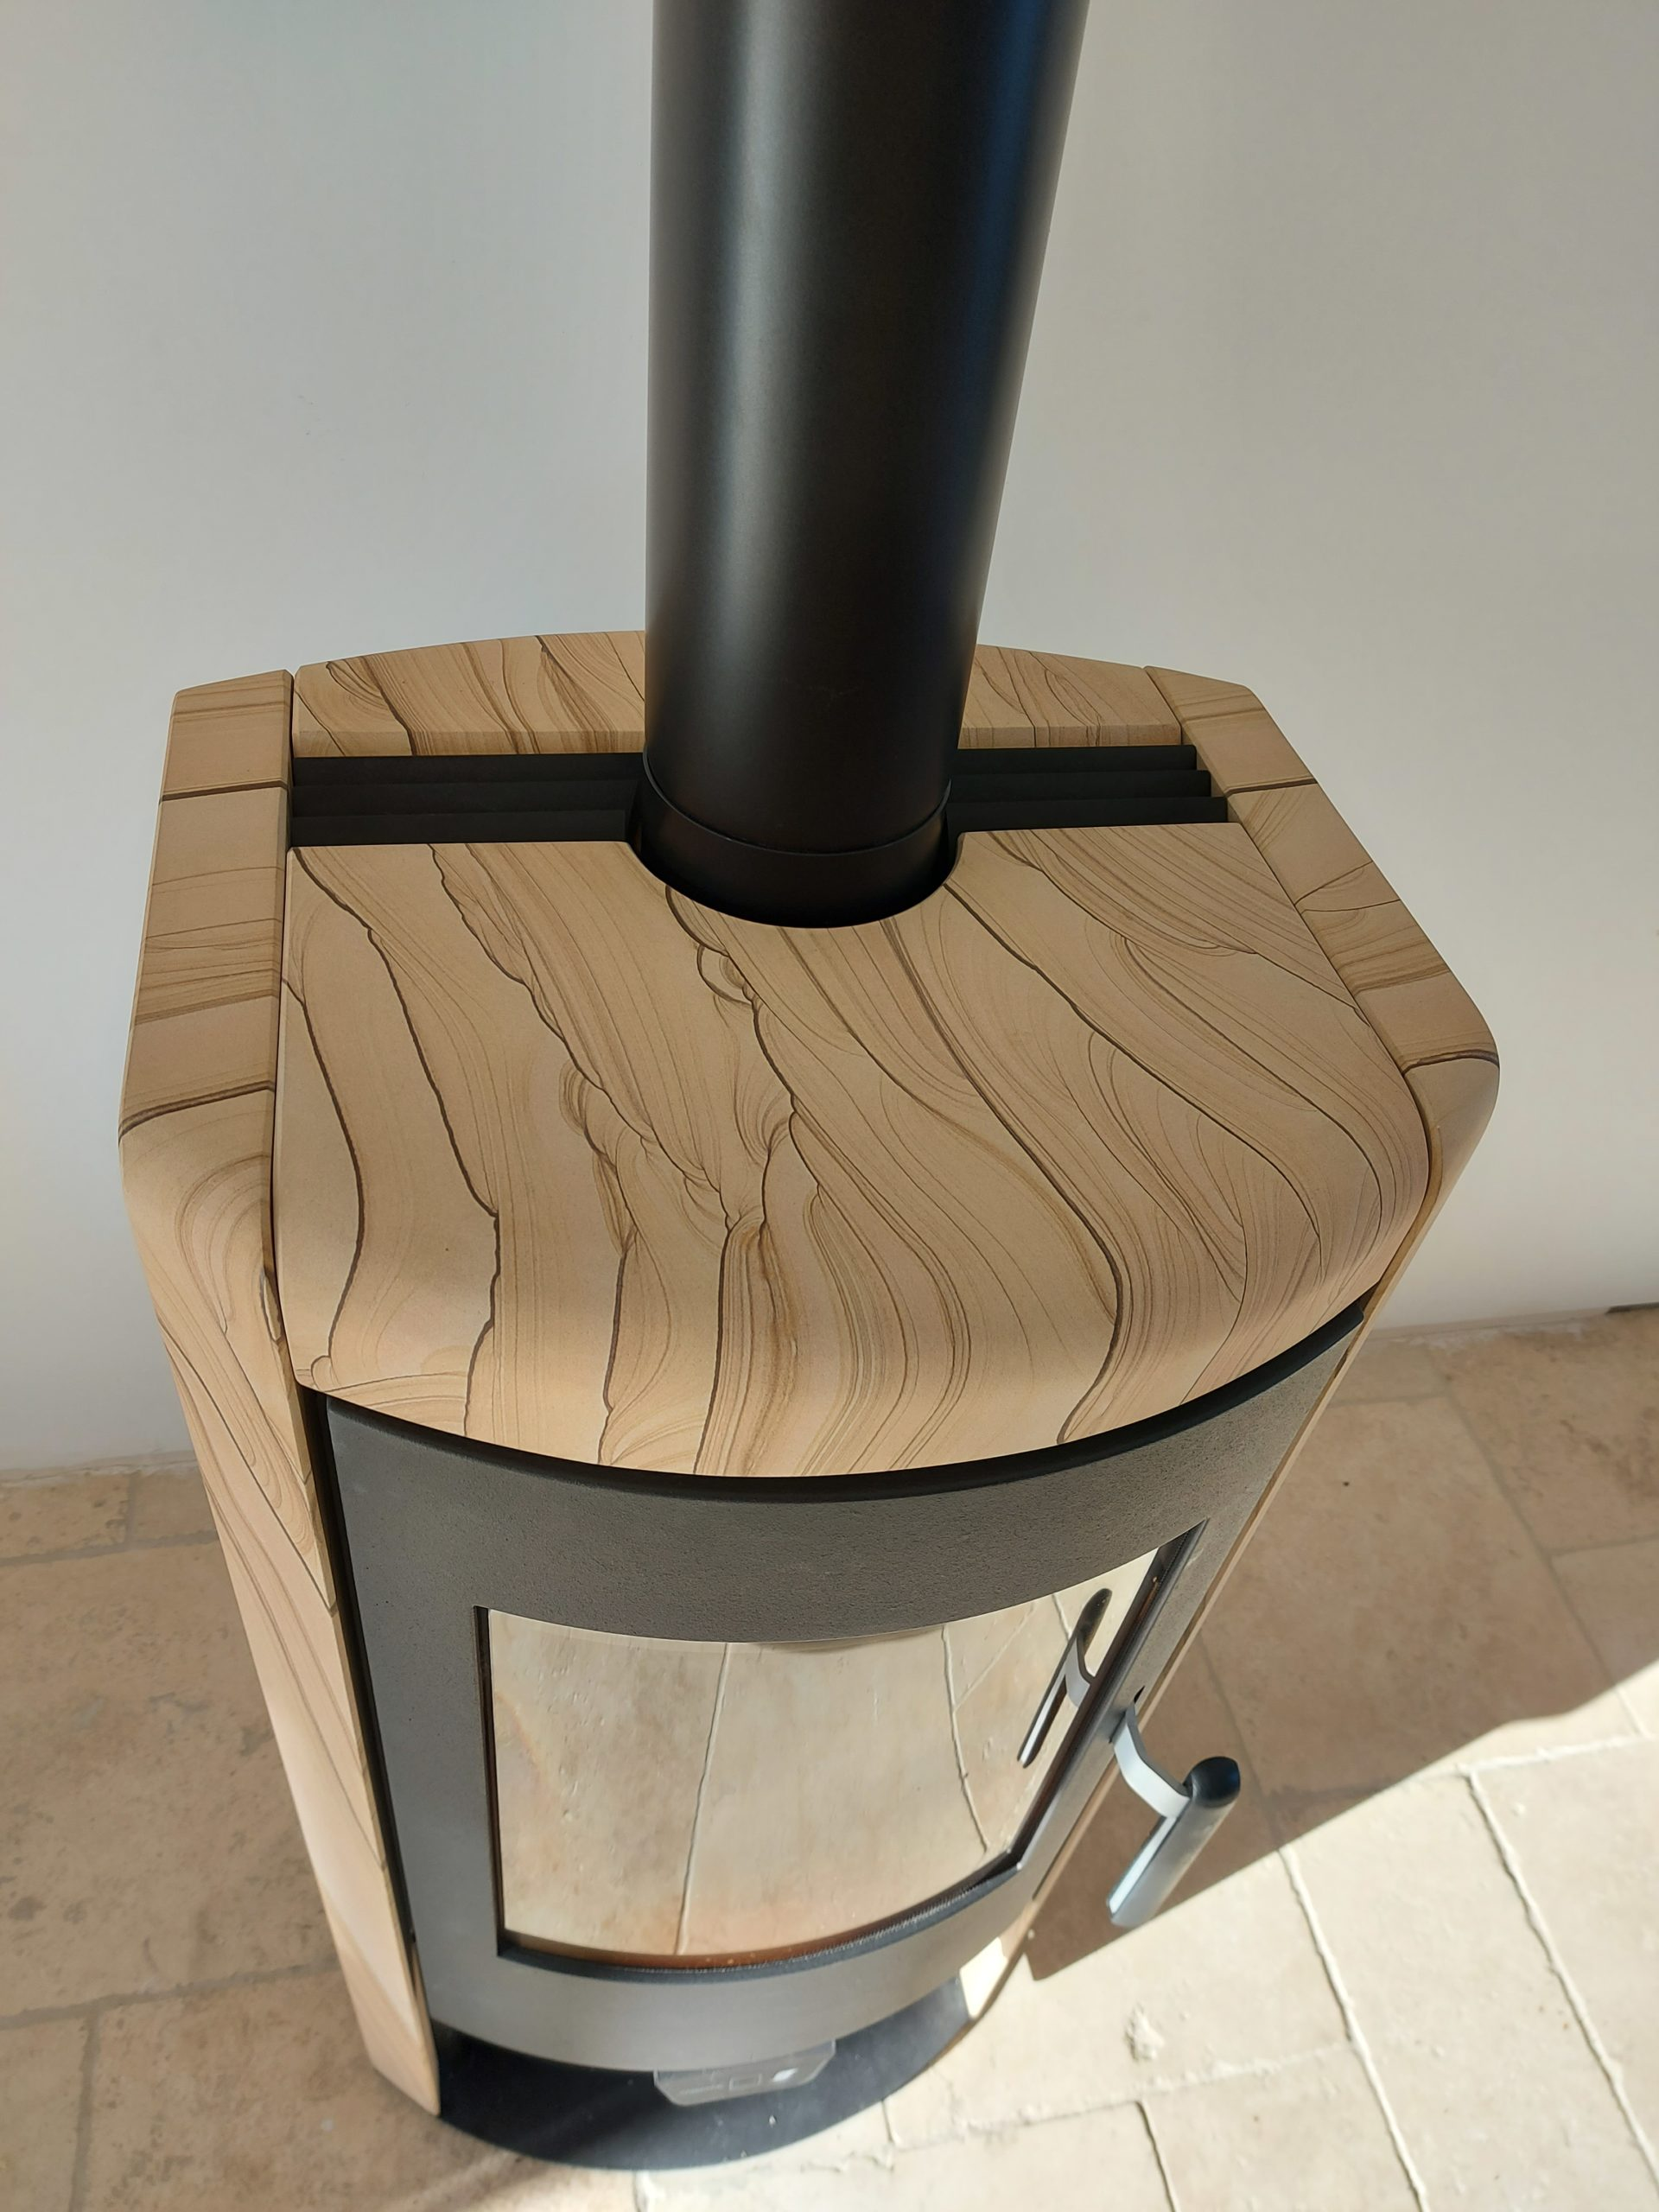 Installation d'un poêle à bois, Lalandelle (60)